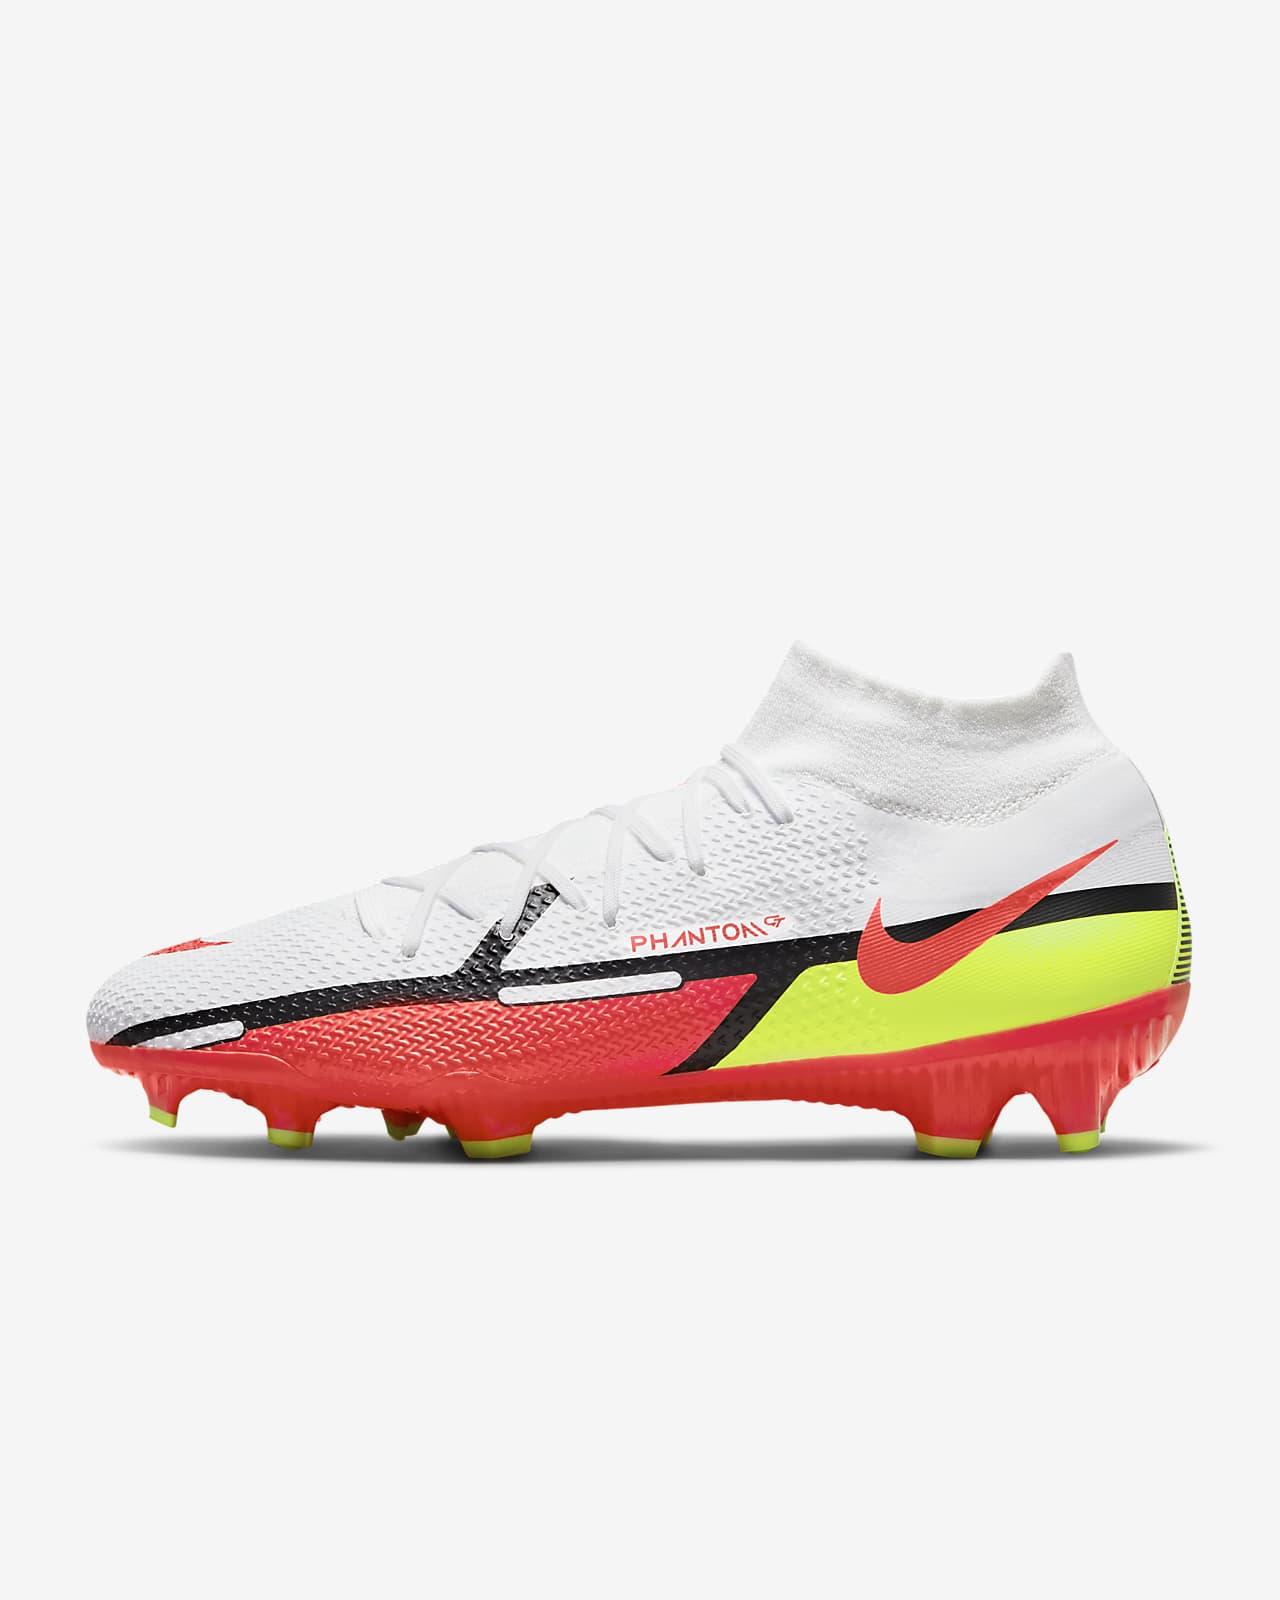 Nike Phantom GT2 Pro Dynamic Fit FG Fußballschuh für normalen Rasen